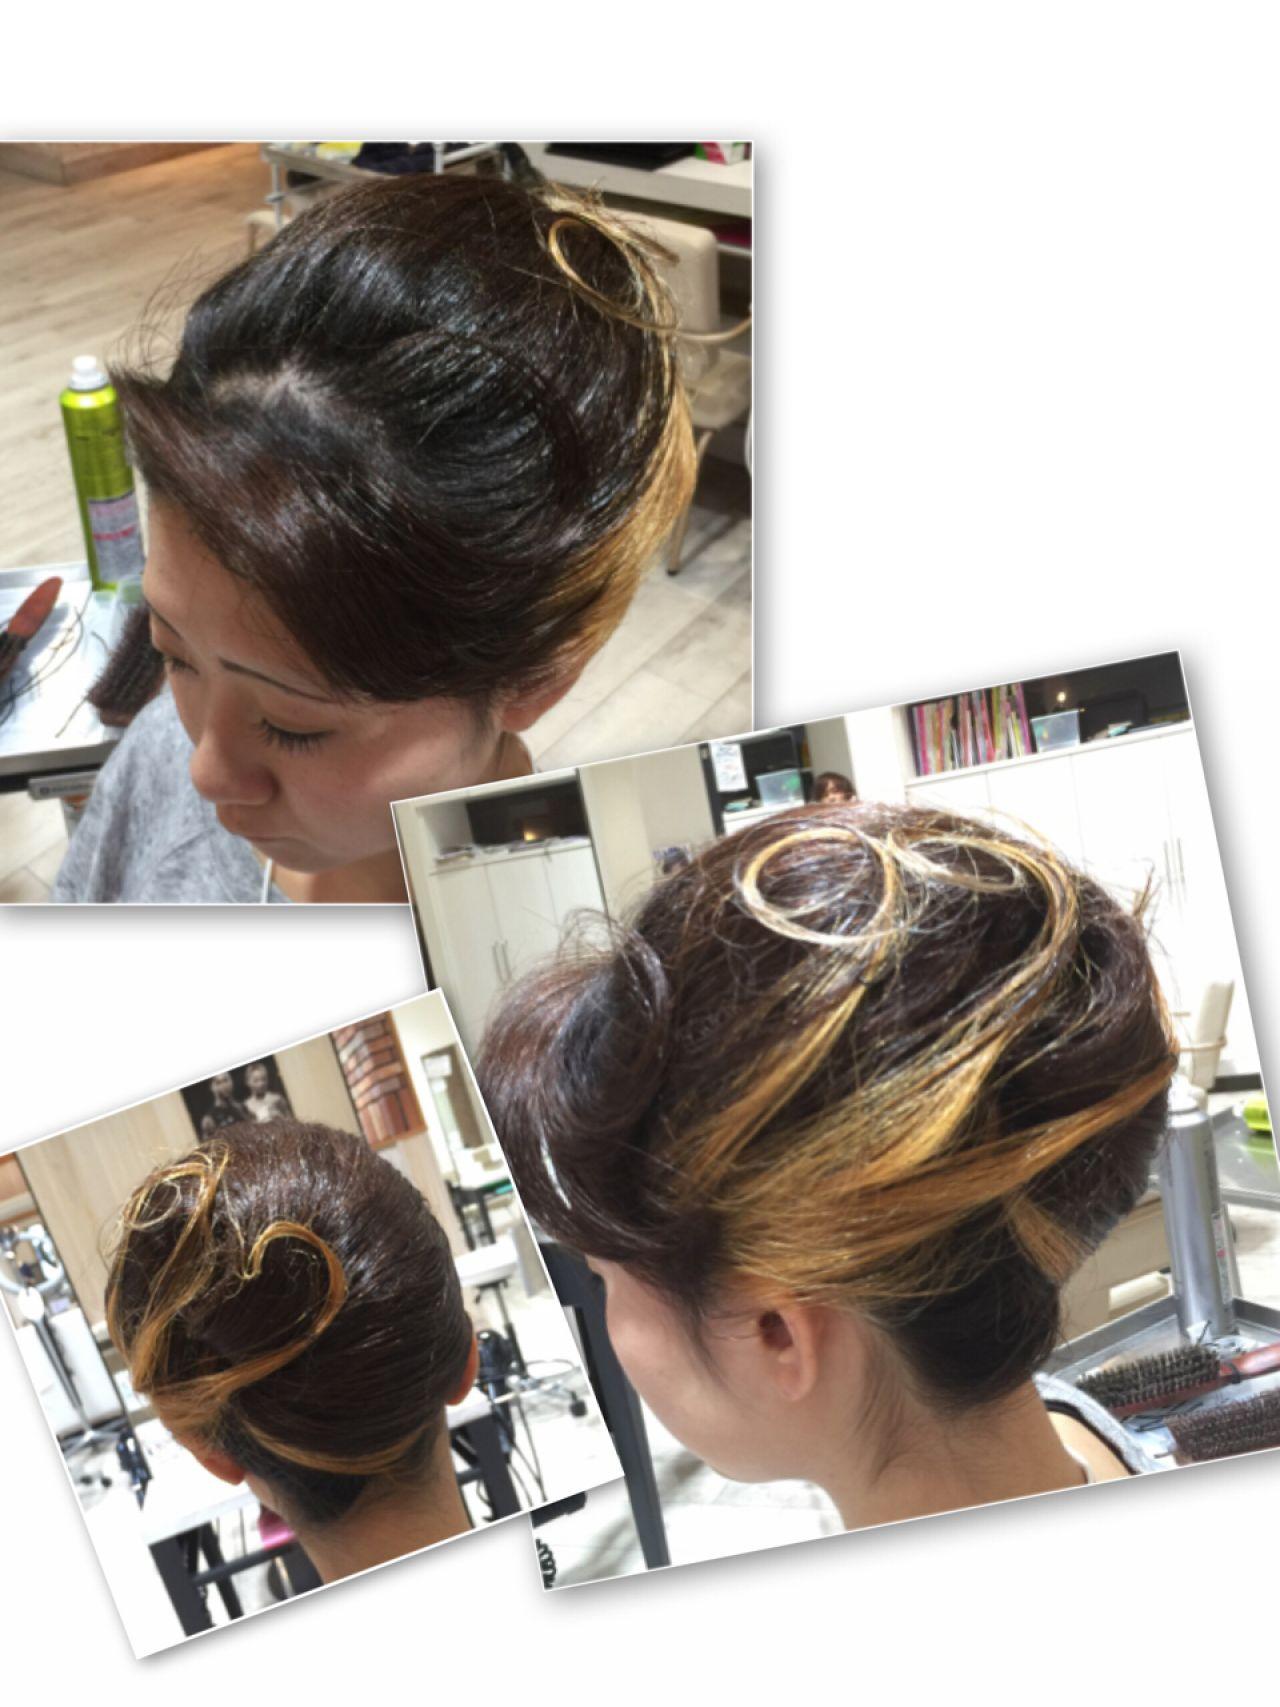 ヘアアレンジ アップスタイル お祭り 夜会巻 ヘアスタイルや髪型の写真・画像